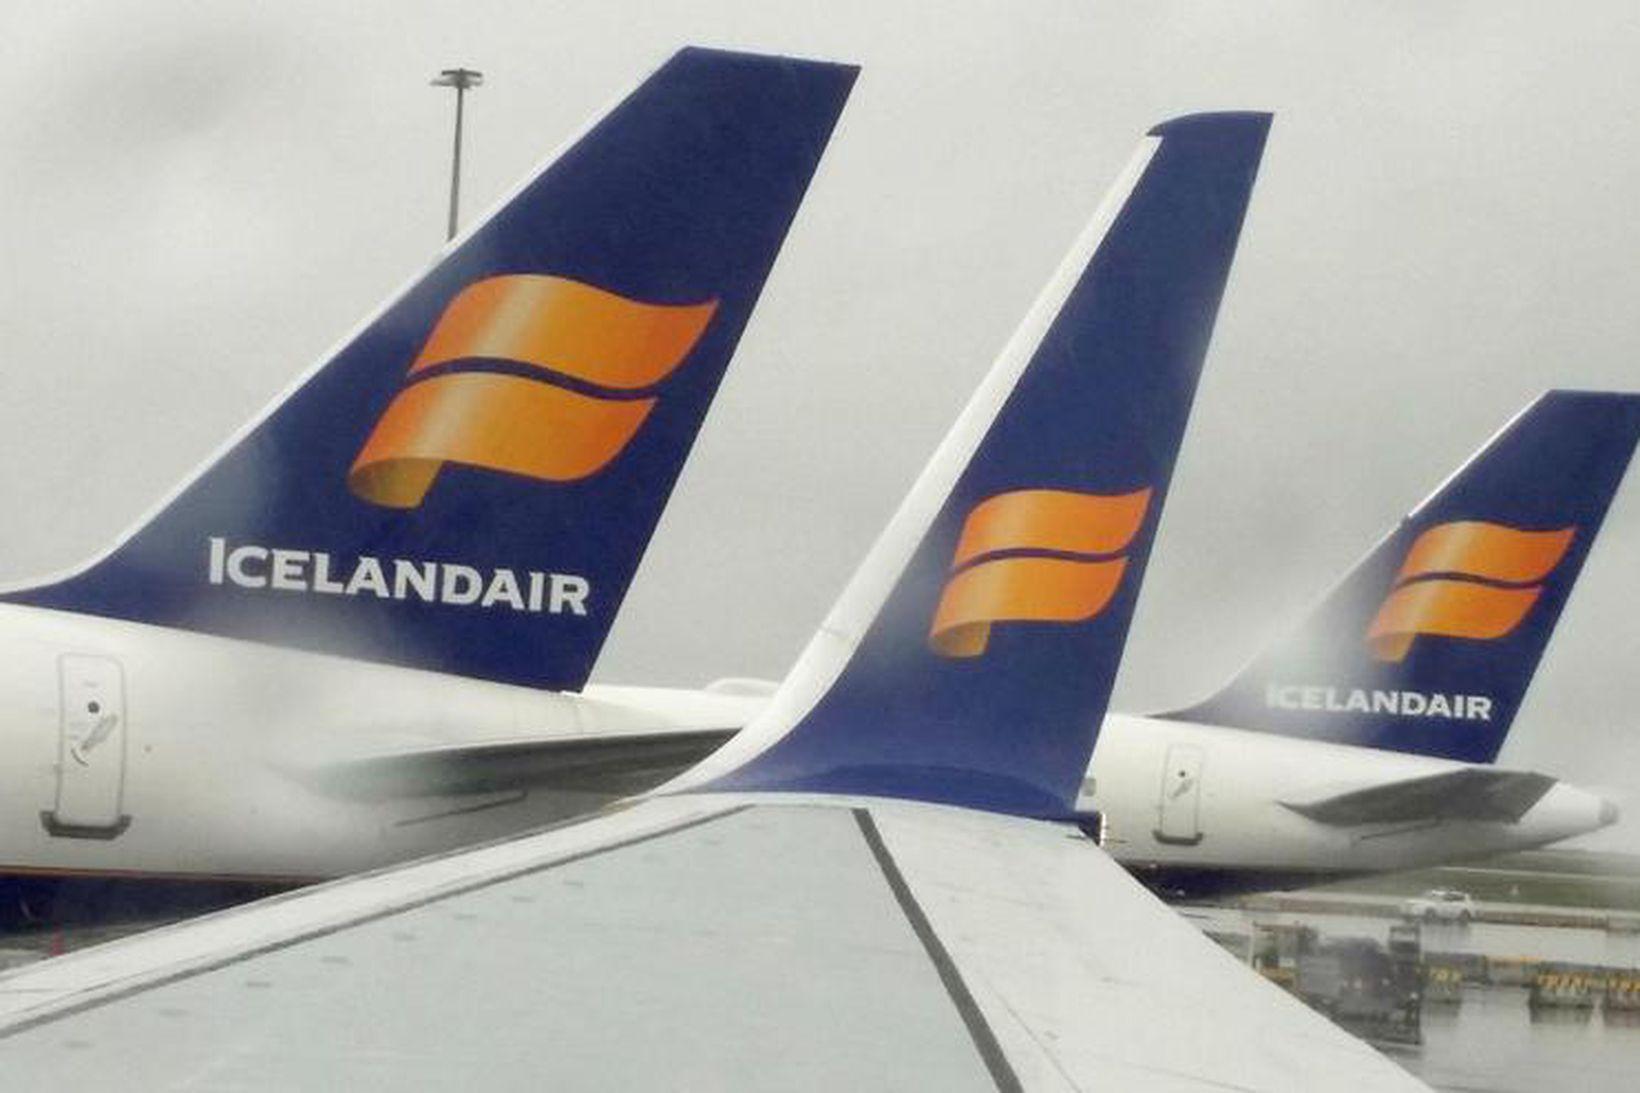 Veikindin hafi gert vart við sig í mörgum vélum Icelandair …